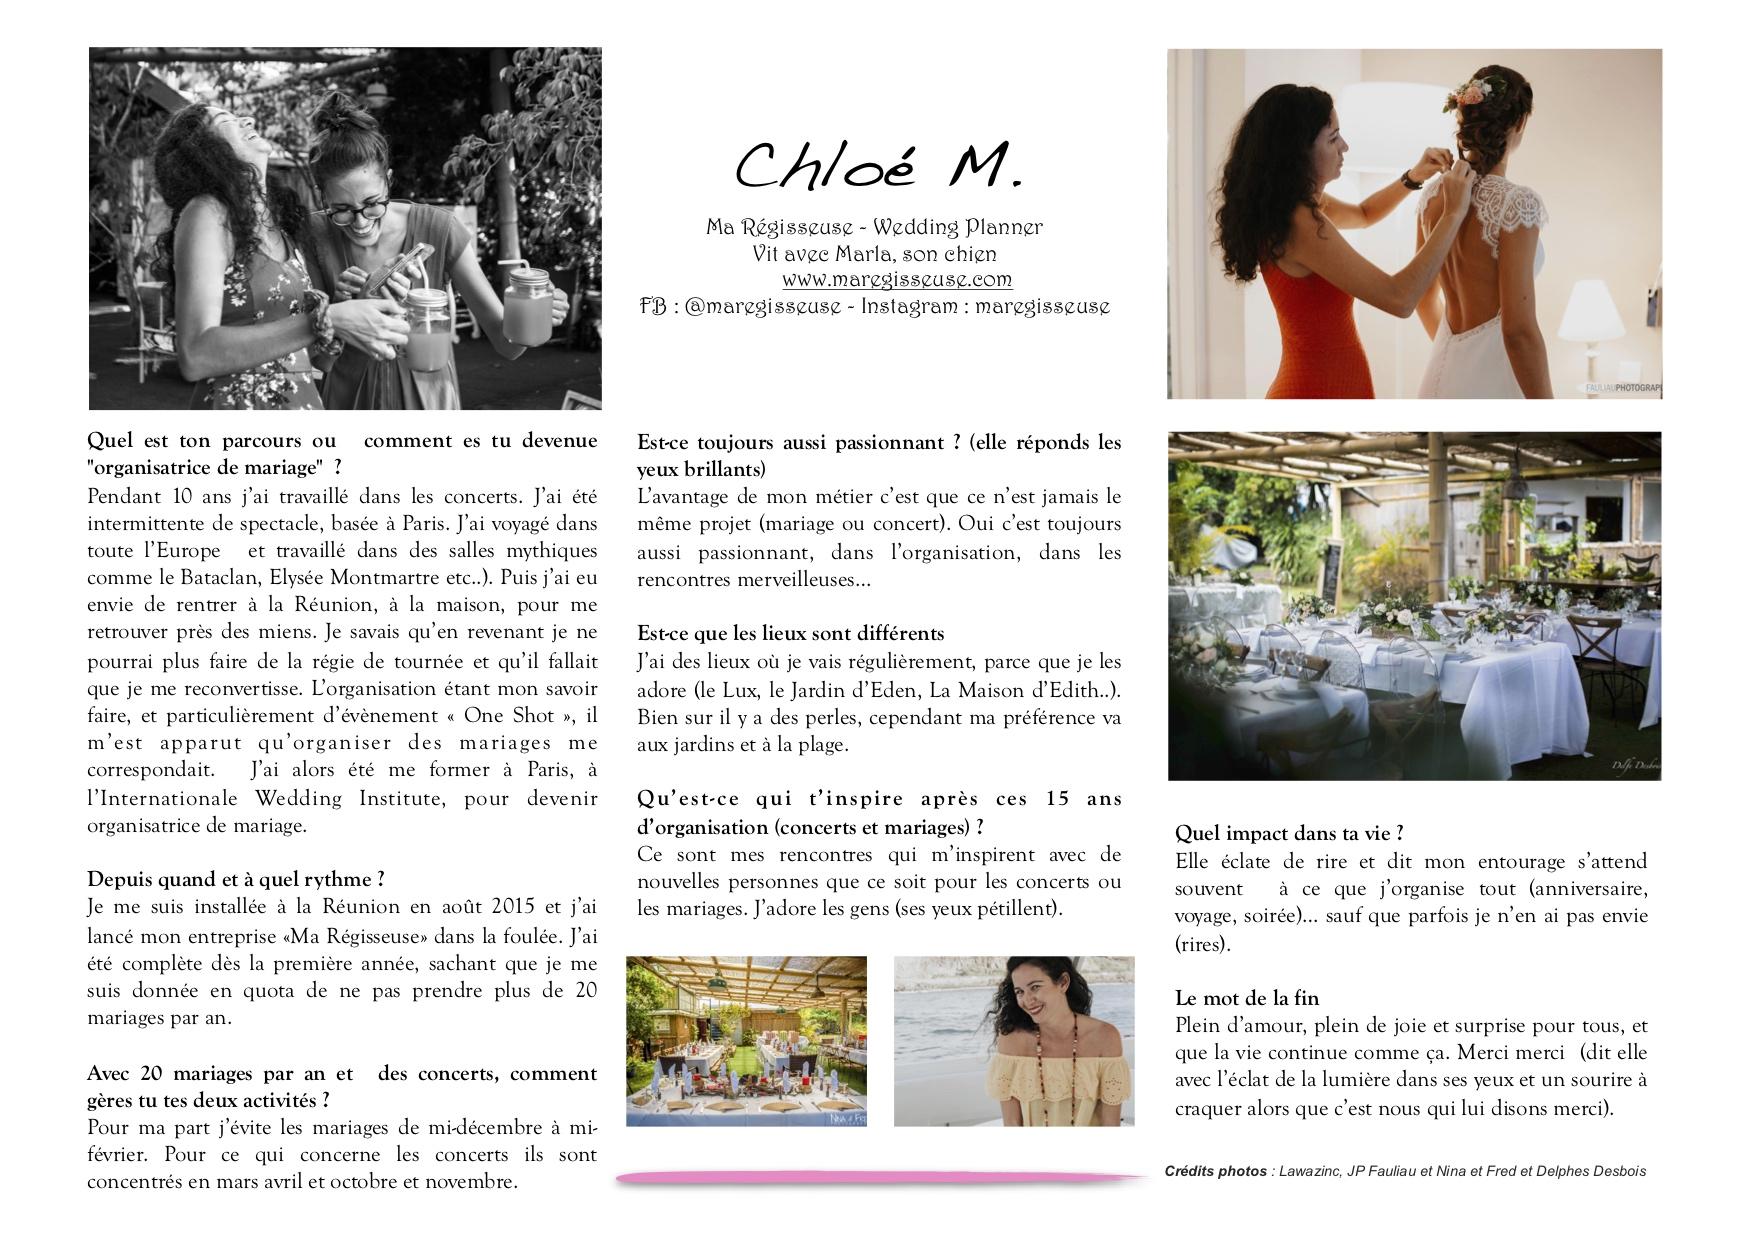 interview wedding planner La Maison d'Edith